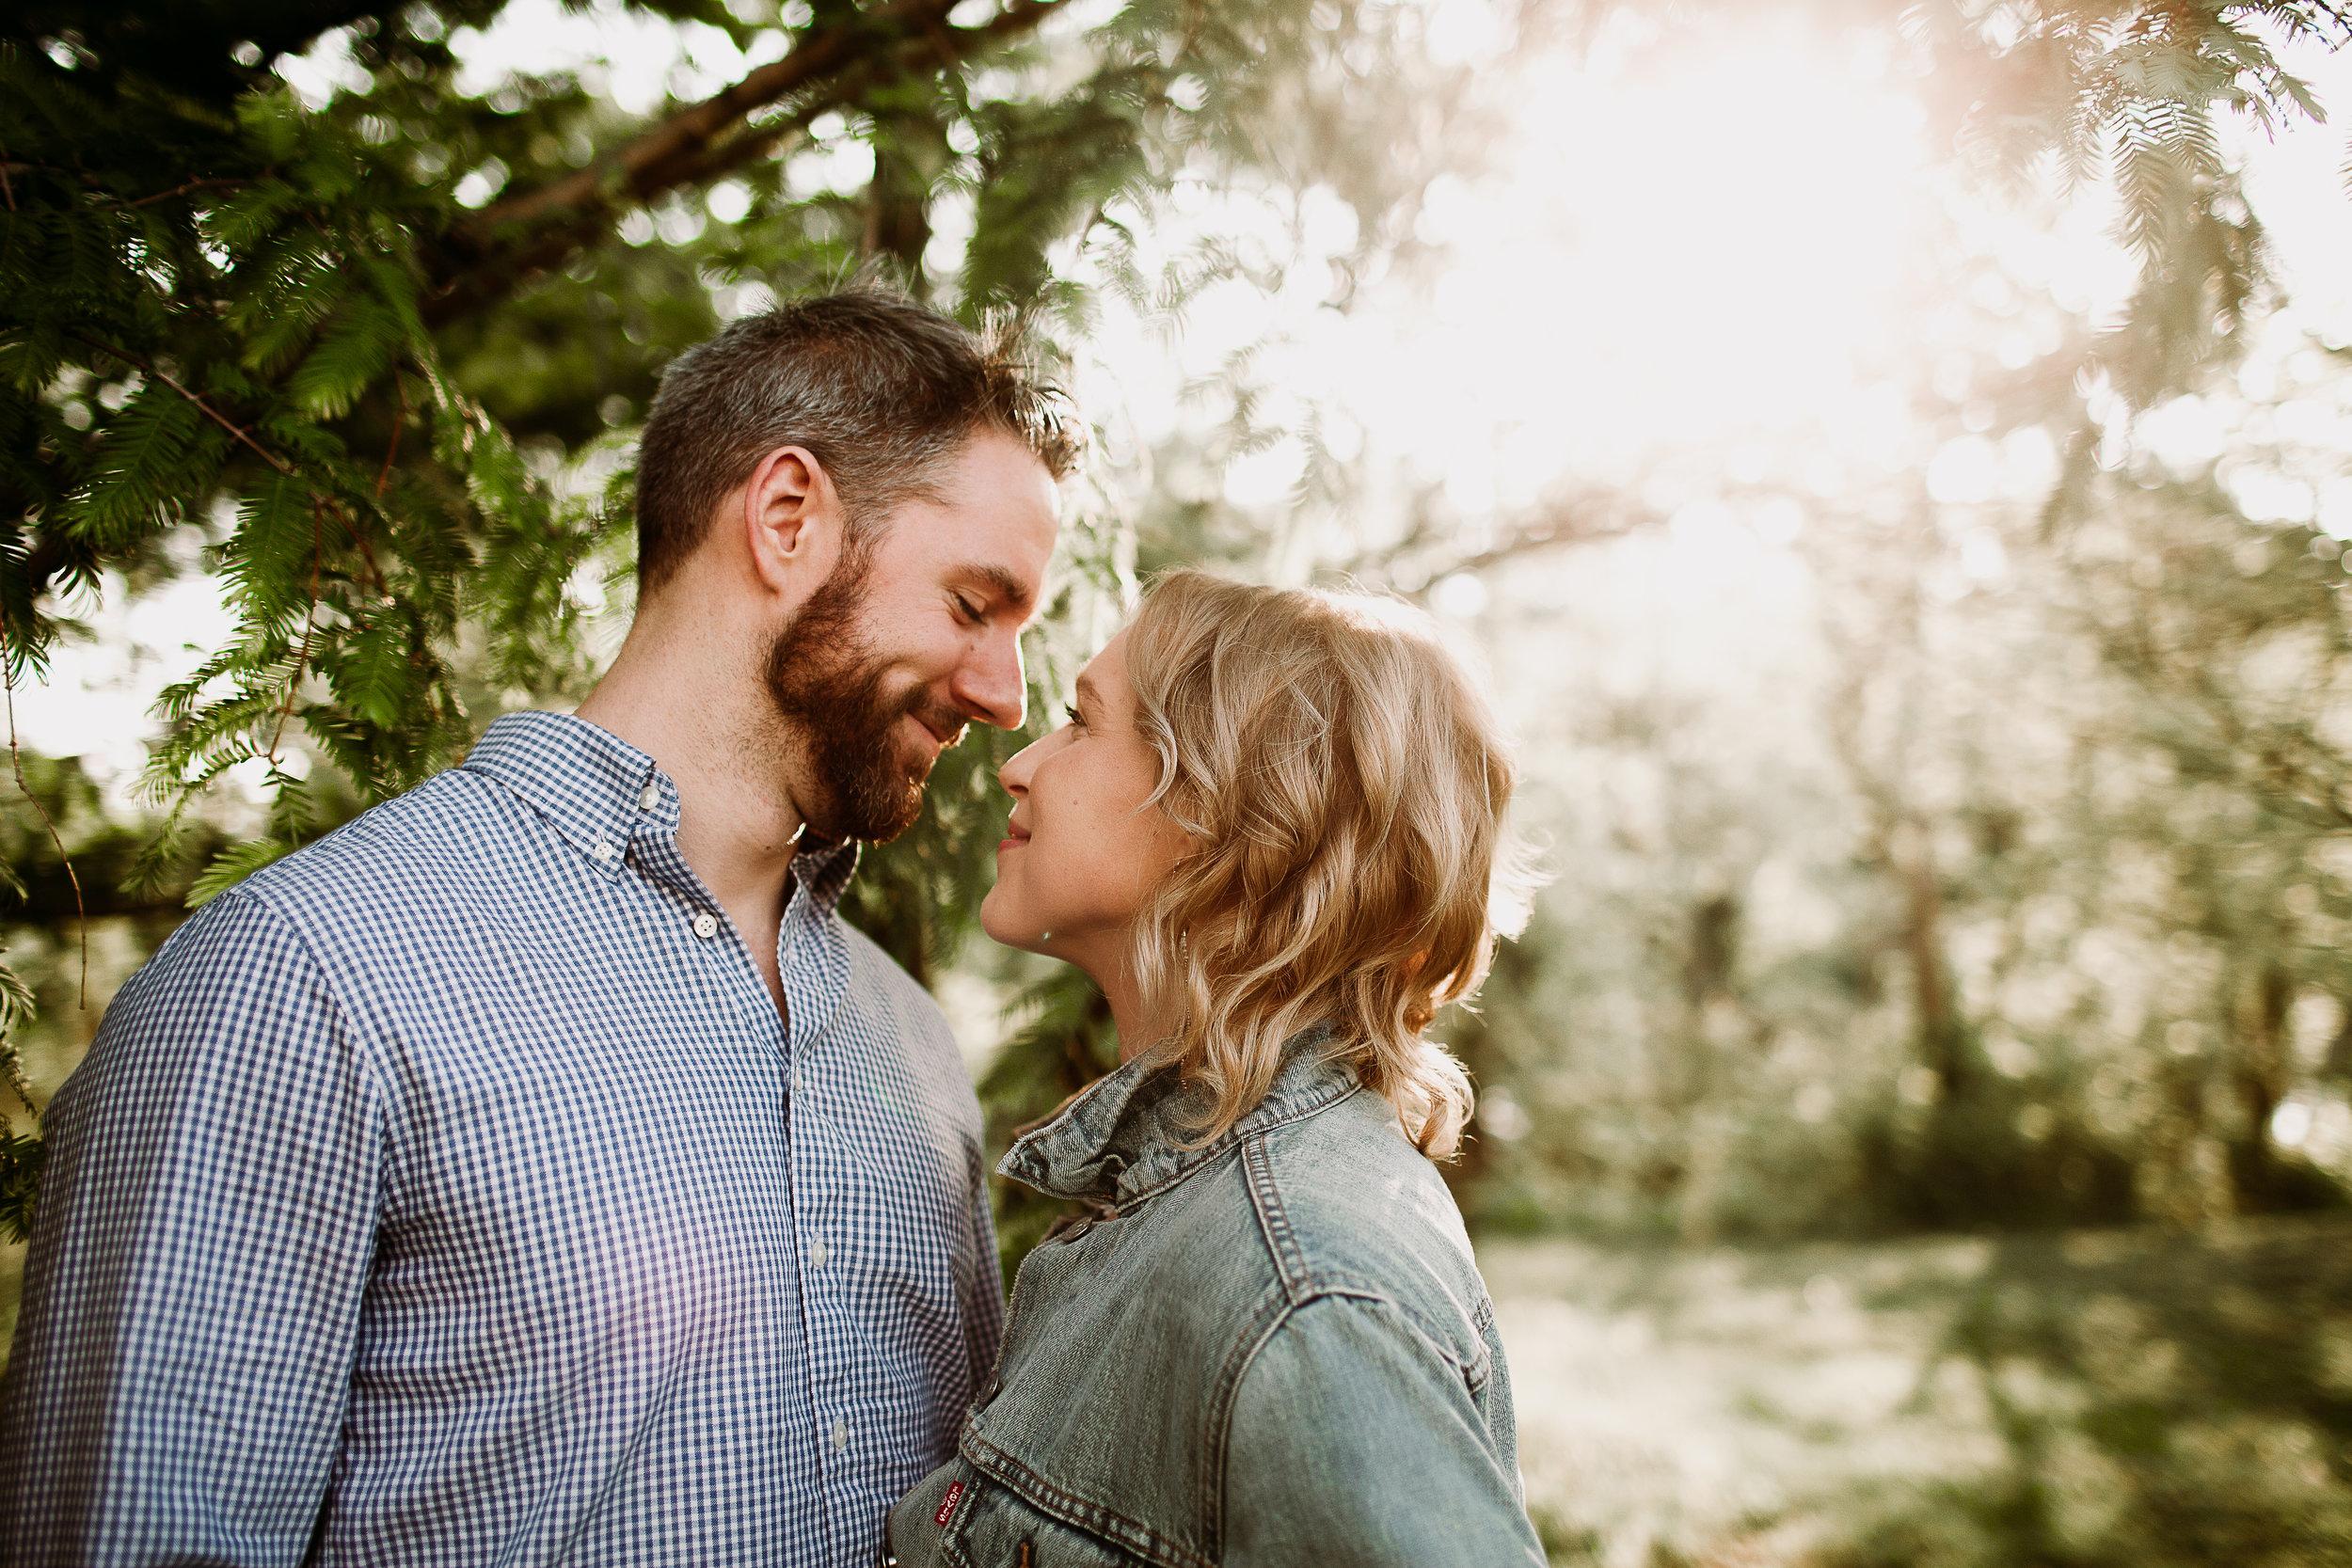 046 Lauren and Greg Engagement - 20180515.jpg